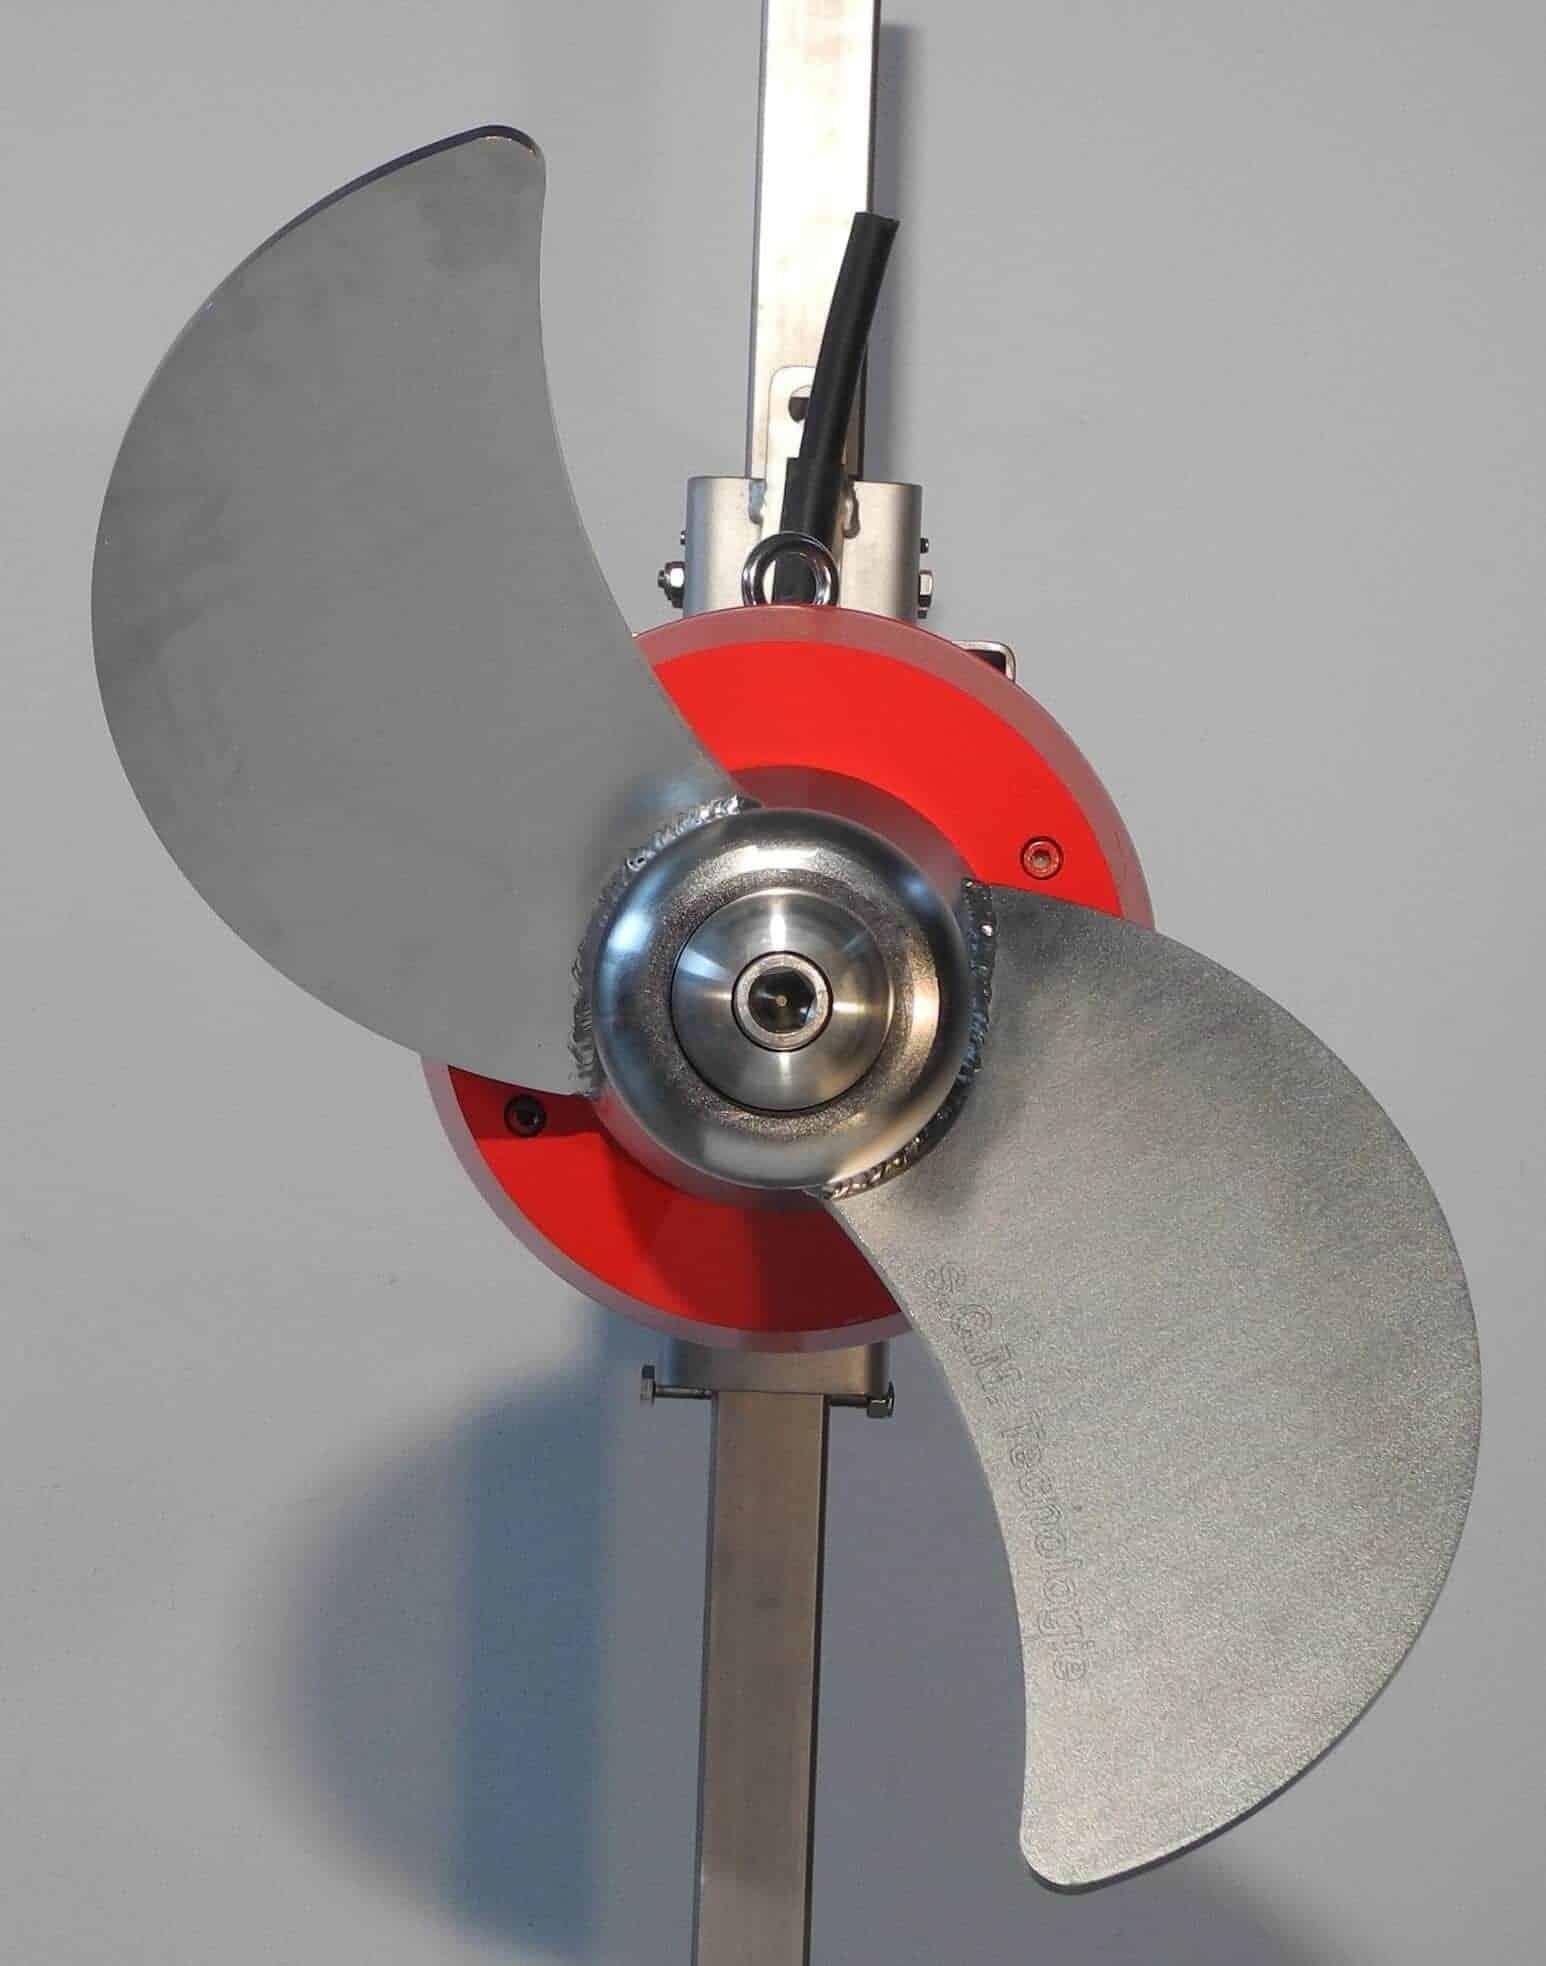 MX GIR - מערבלים של שפכים הנעה עם גיר